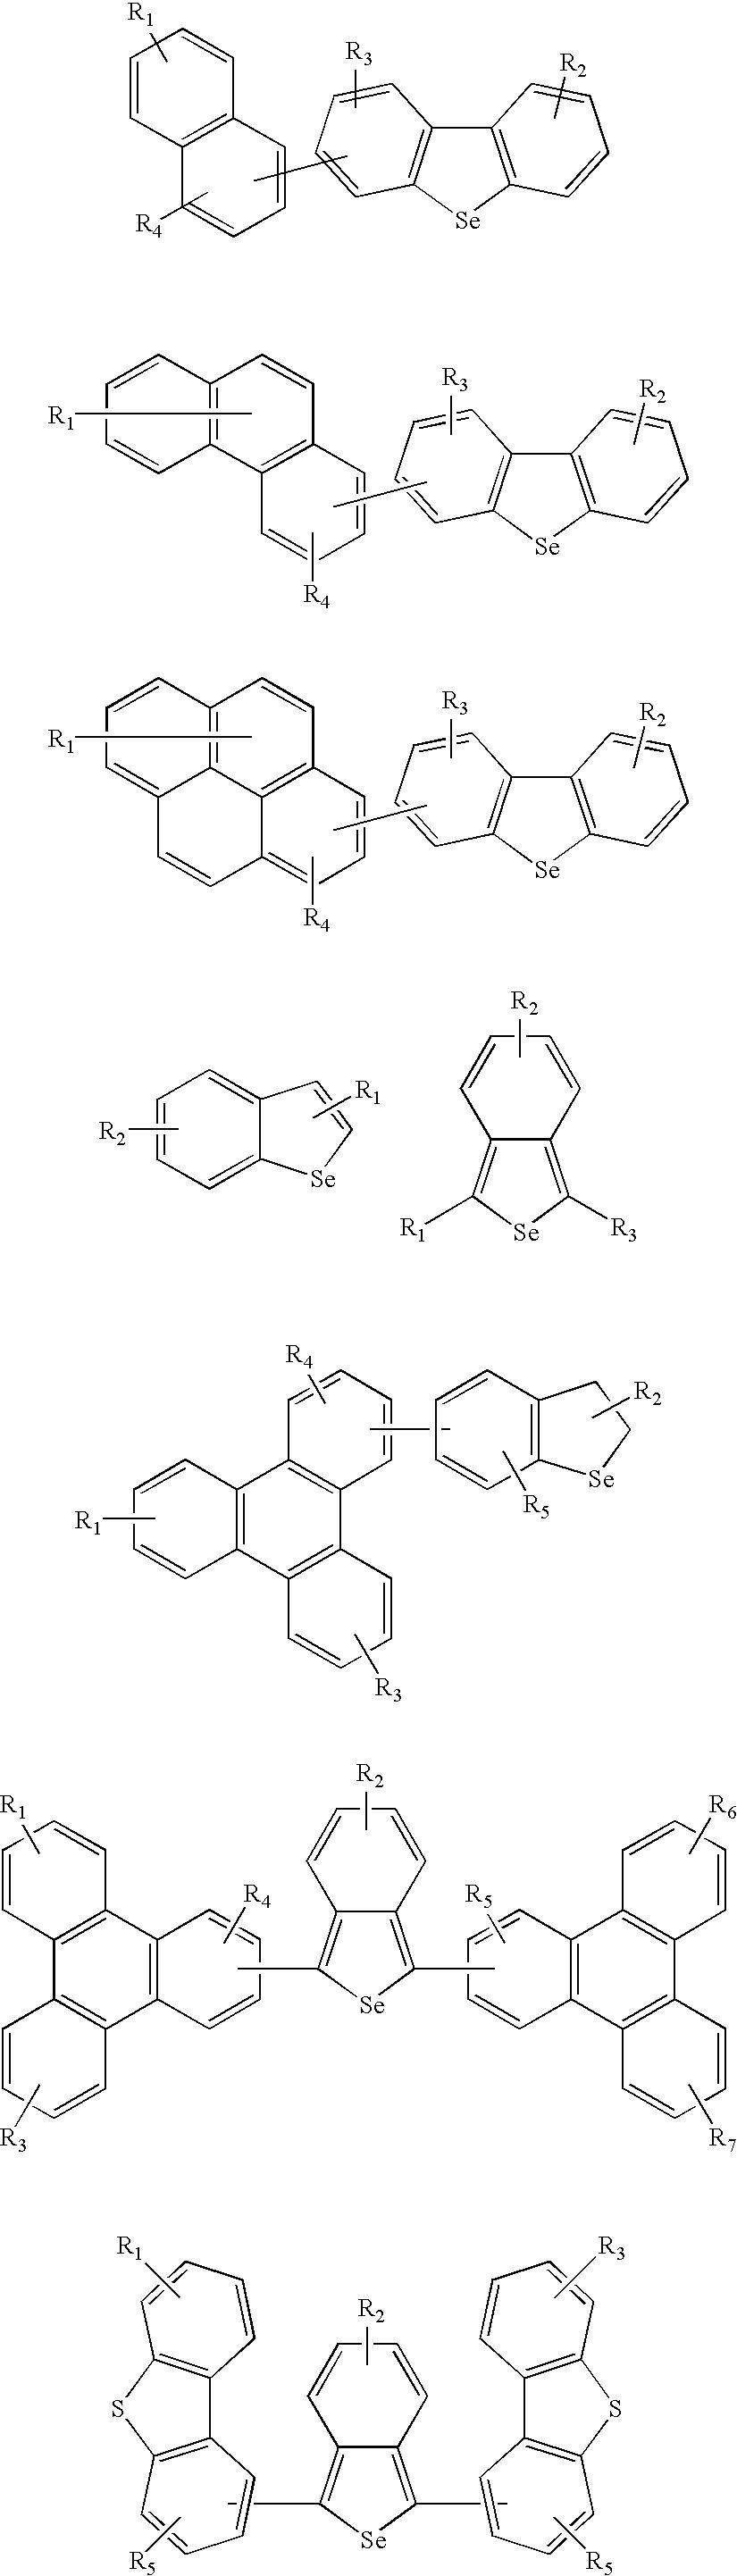 Figure US20100072887A1-20100325-C00234